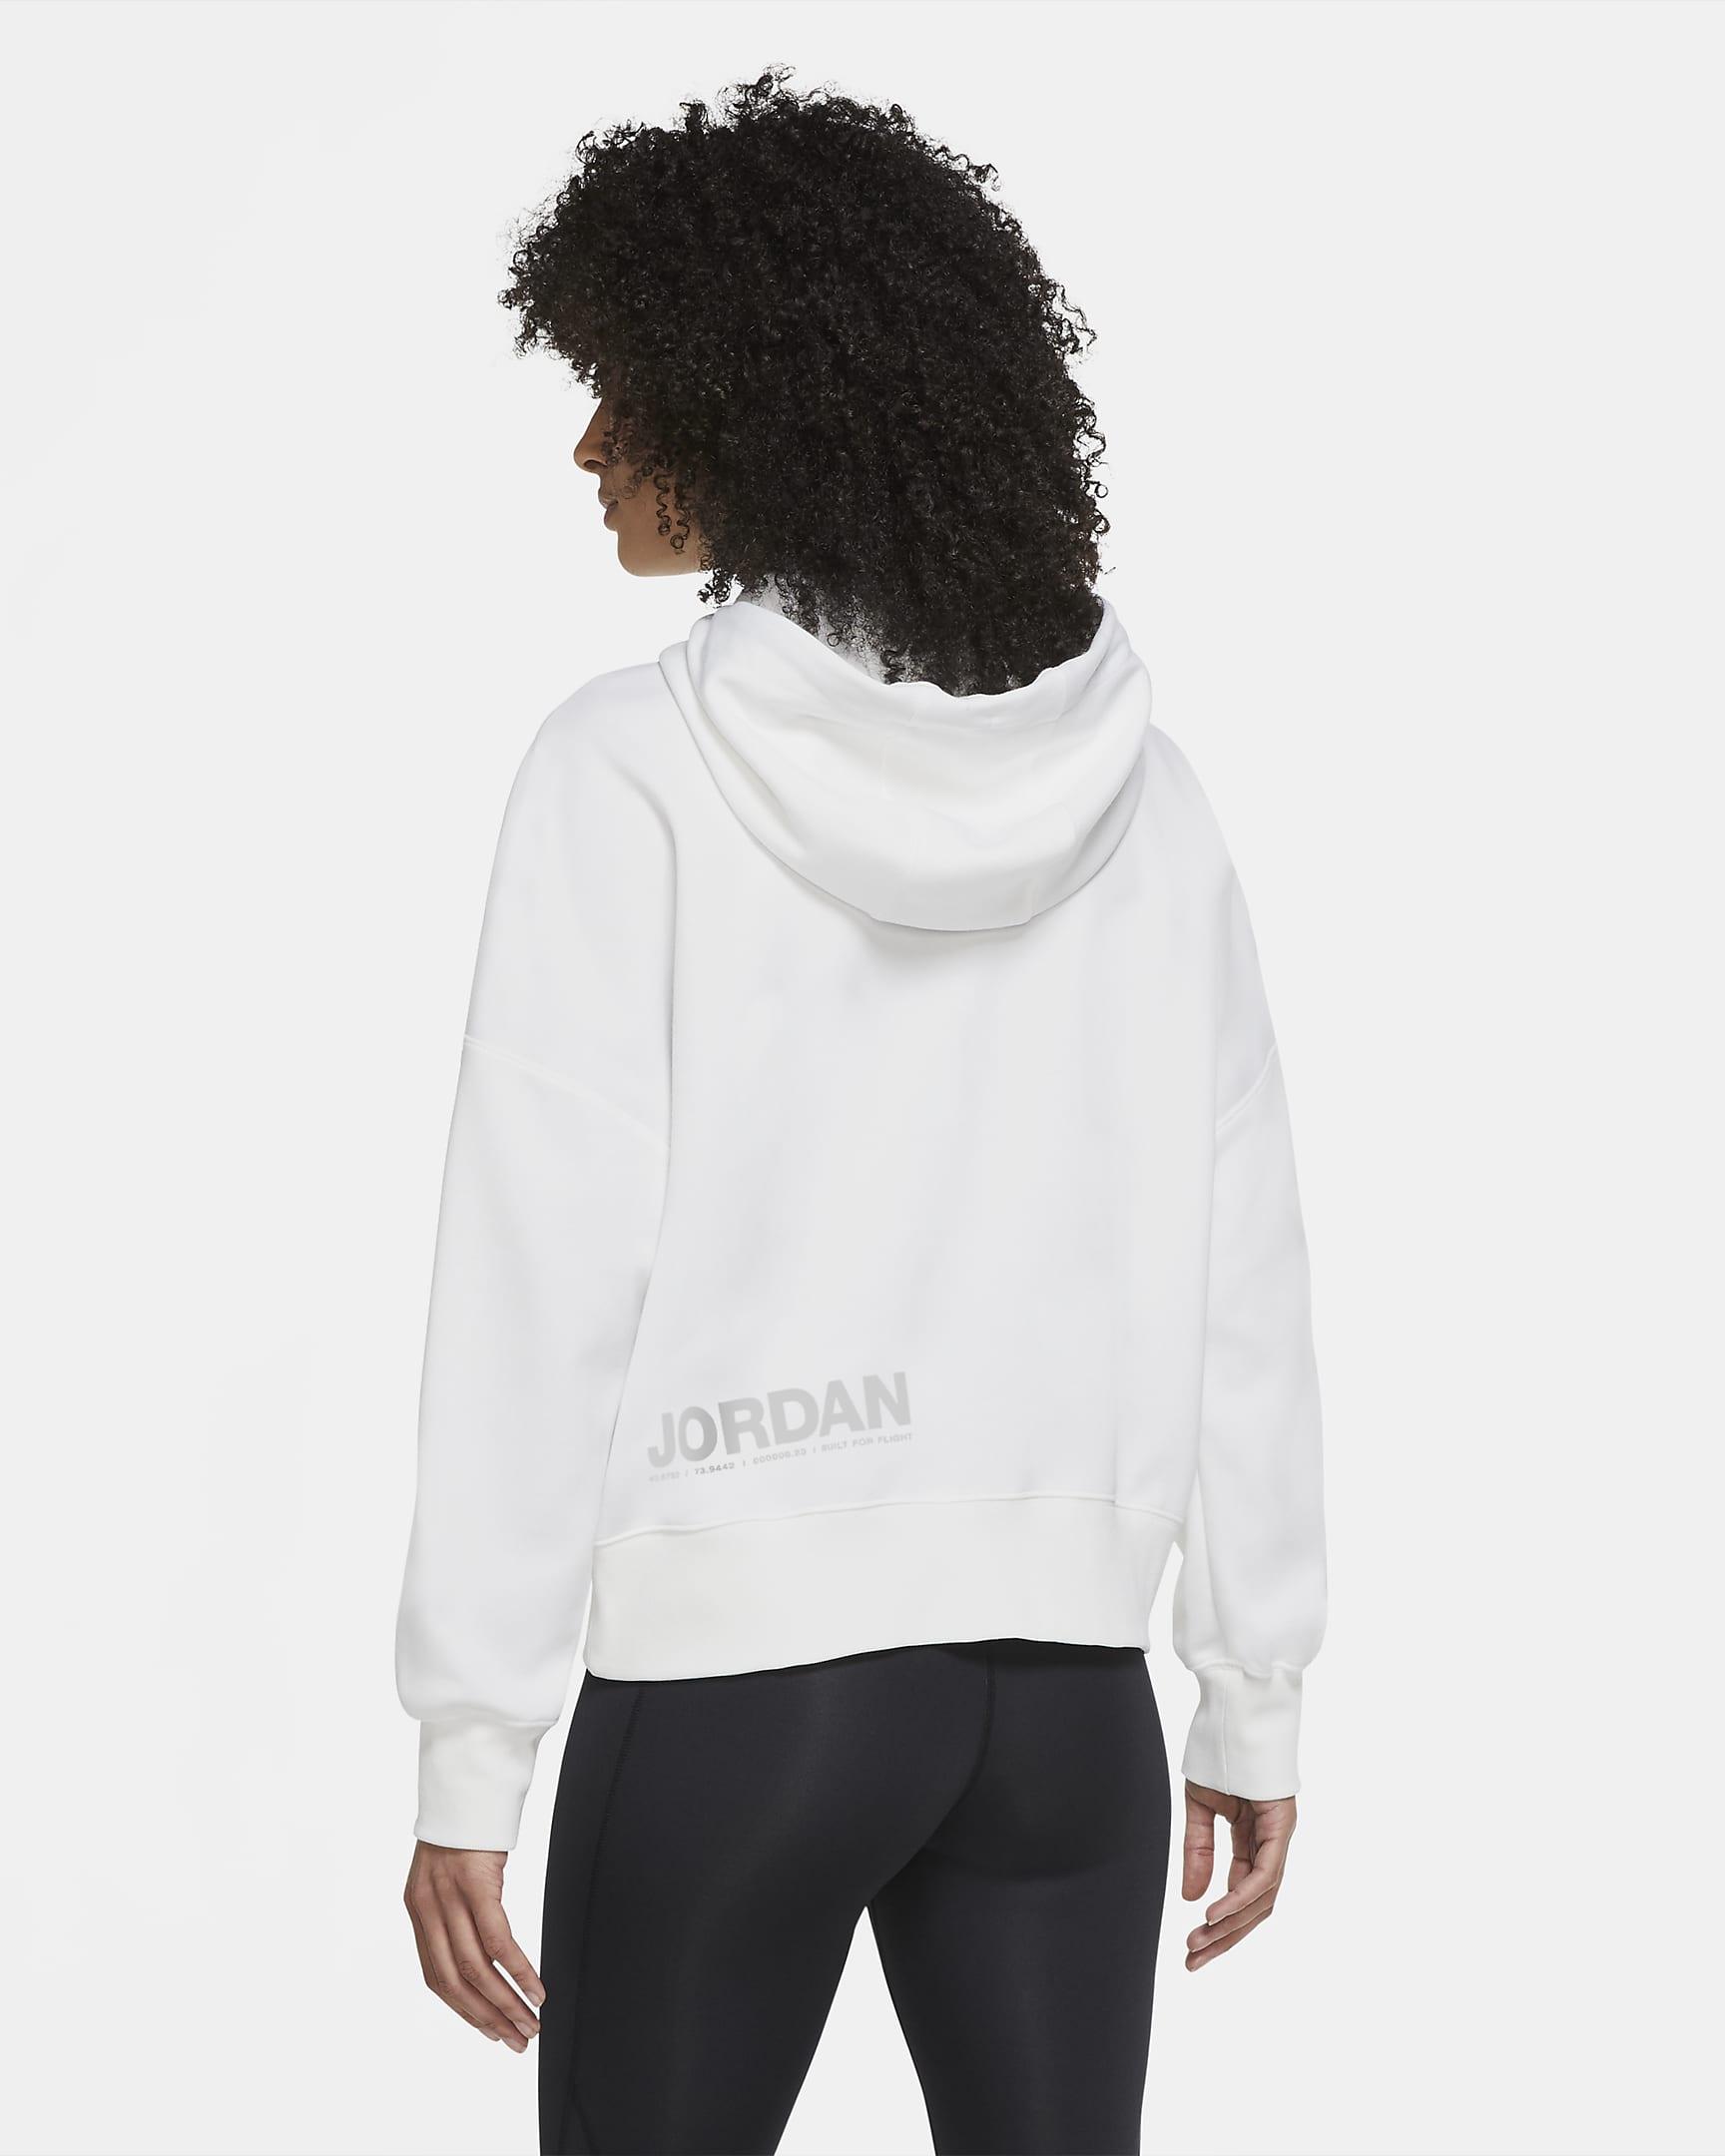 jordan-womens-full-zip-hoodie-10Z5WB-1